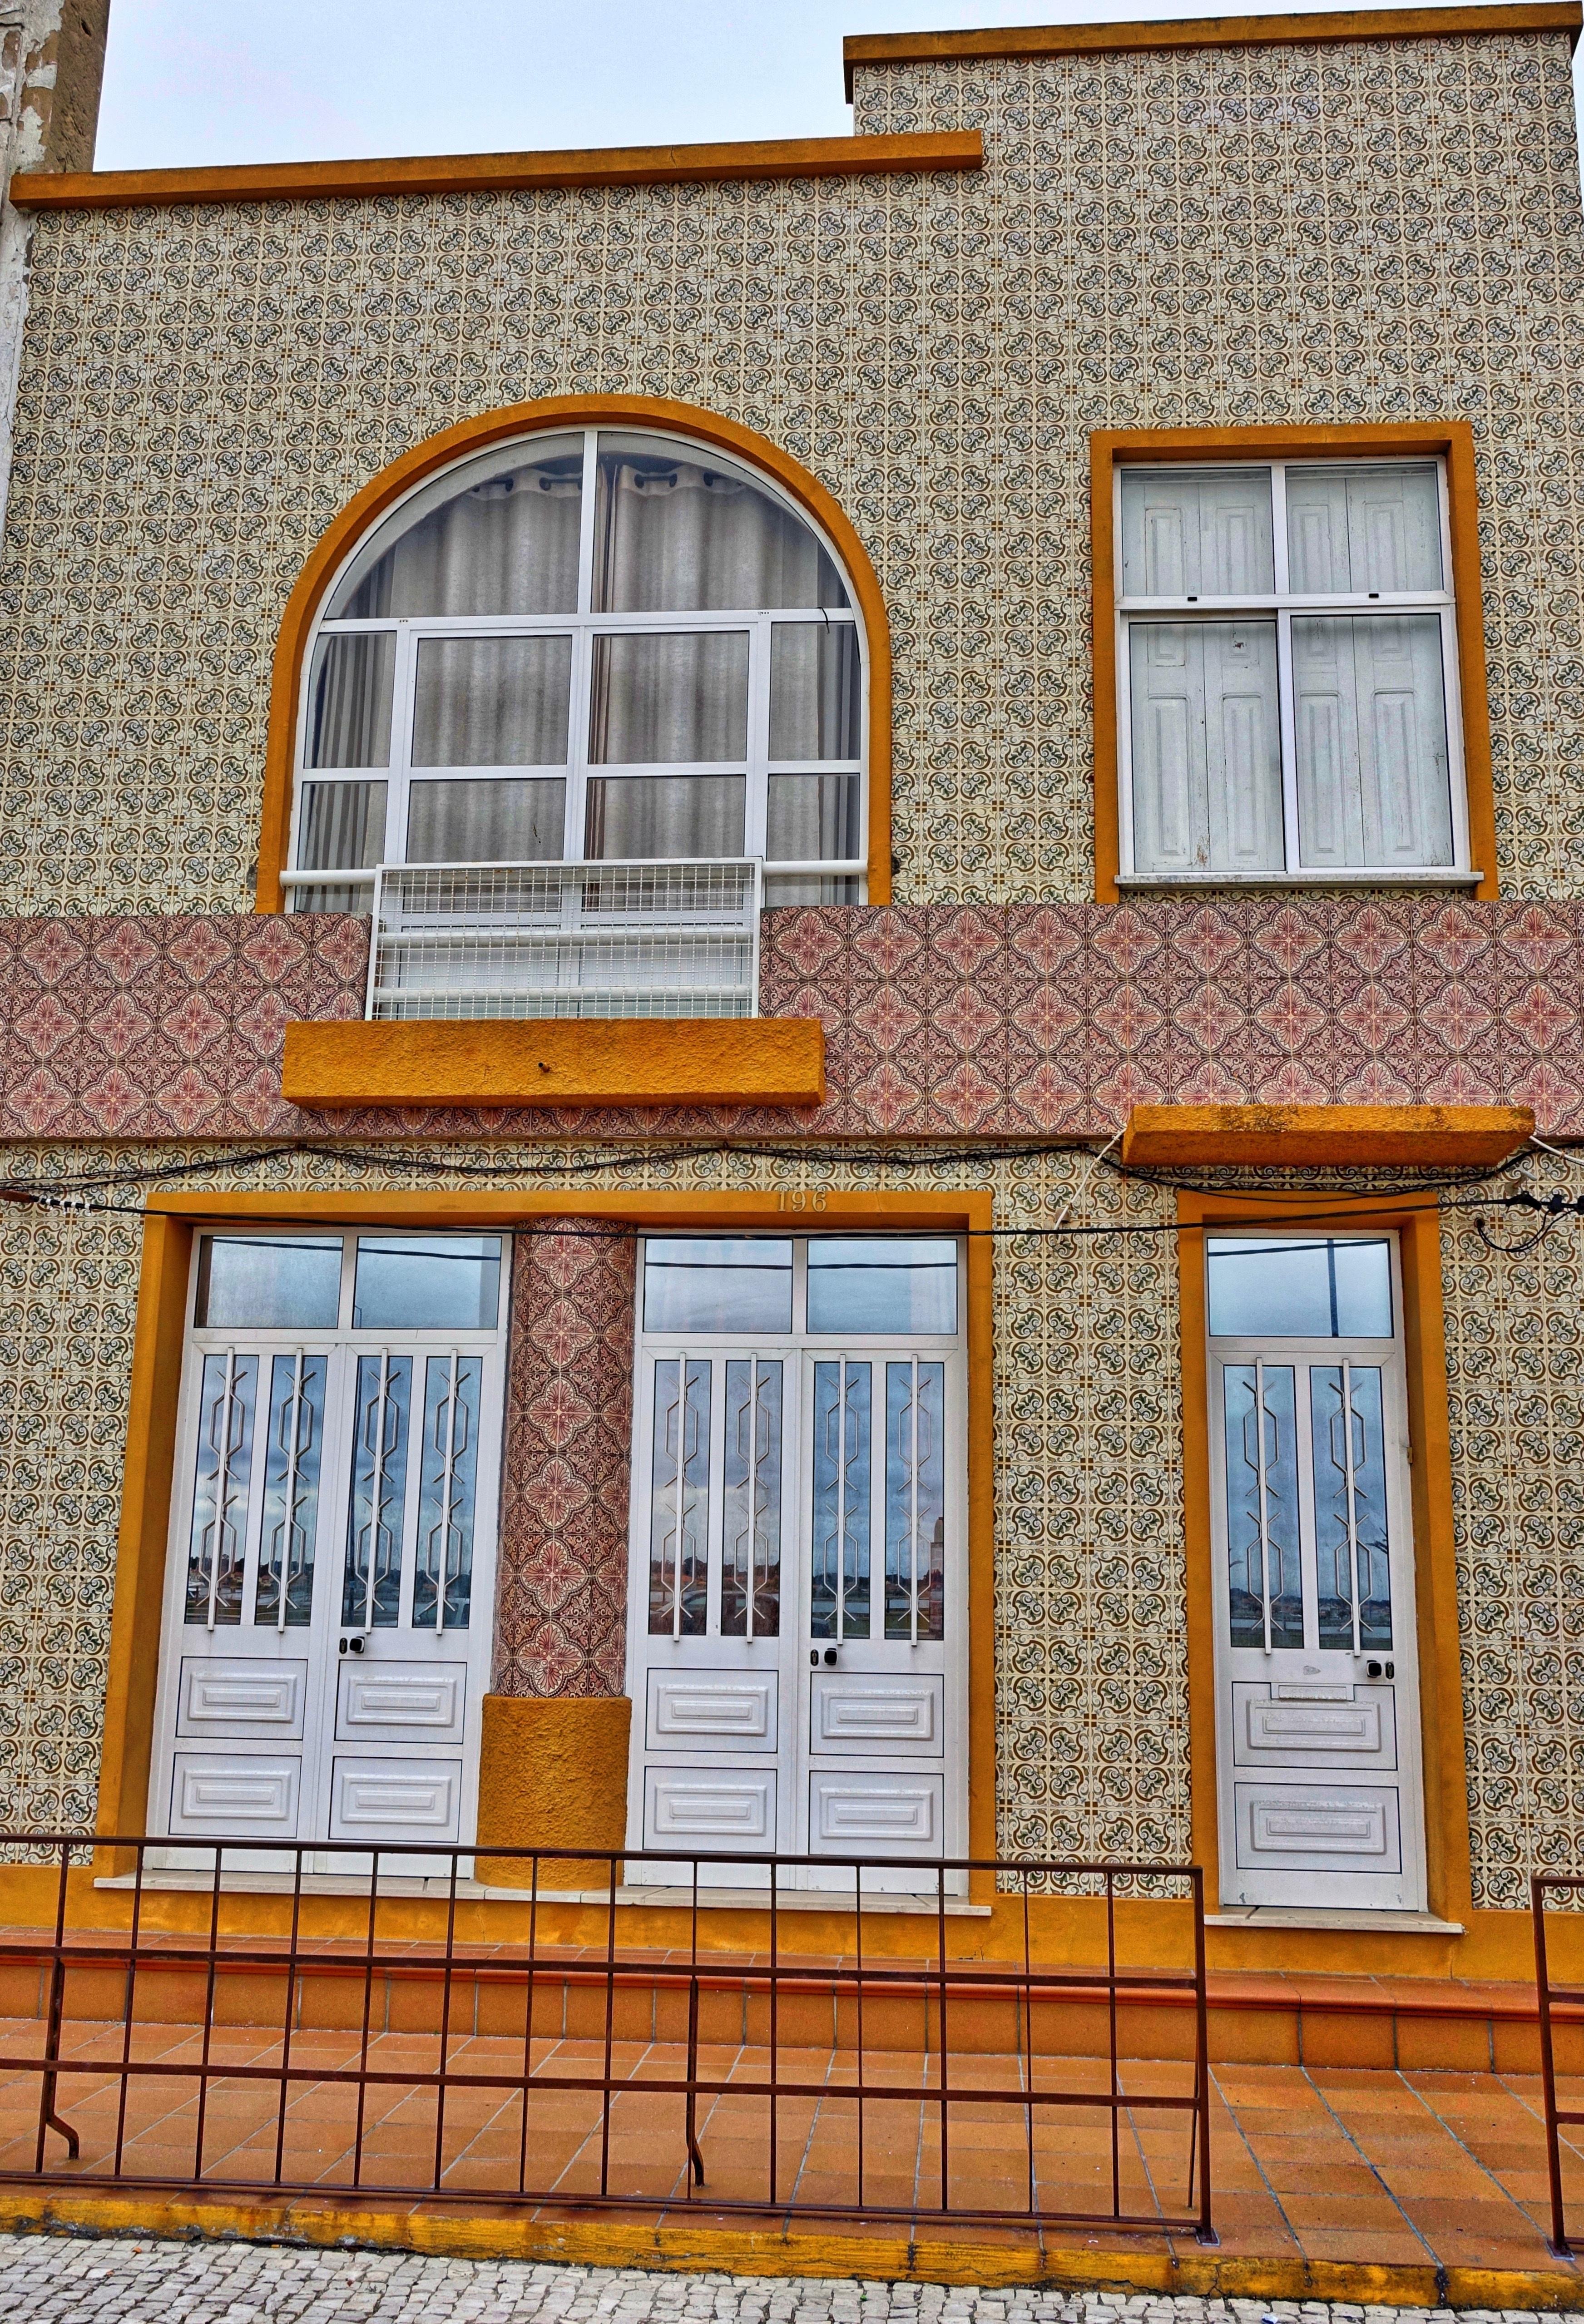 Fotos Gratis Arquitectura Casa Edificio Balc N